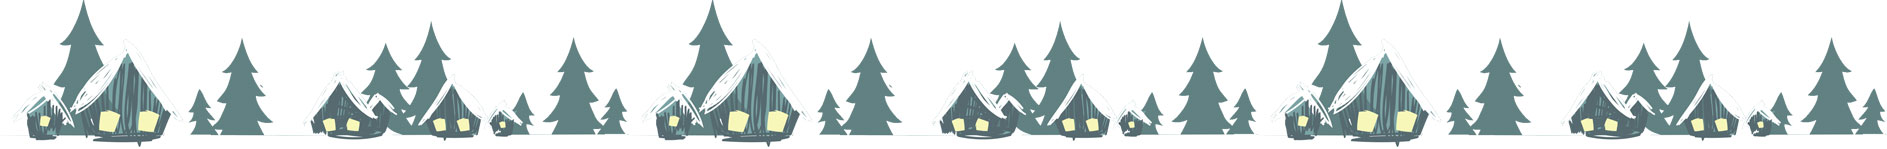 無料素材 雪景色 ライン